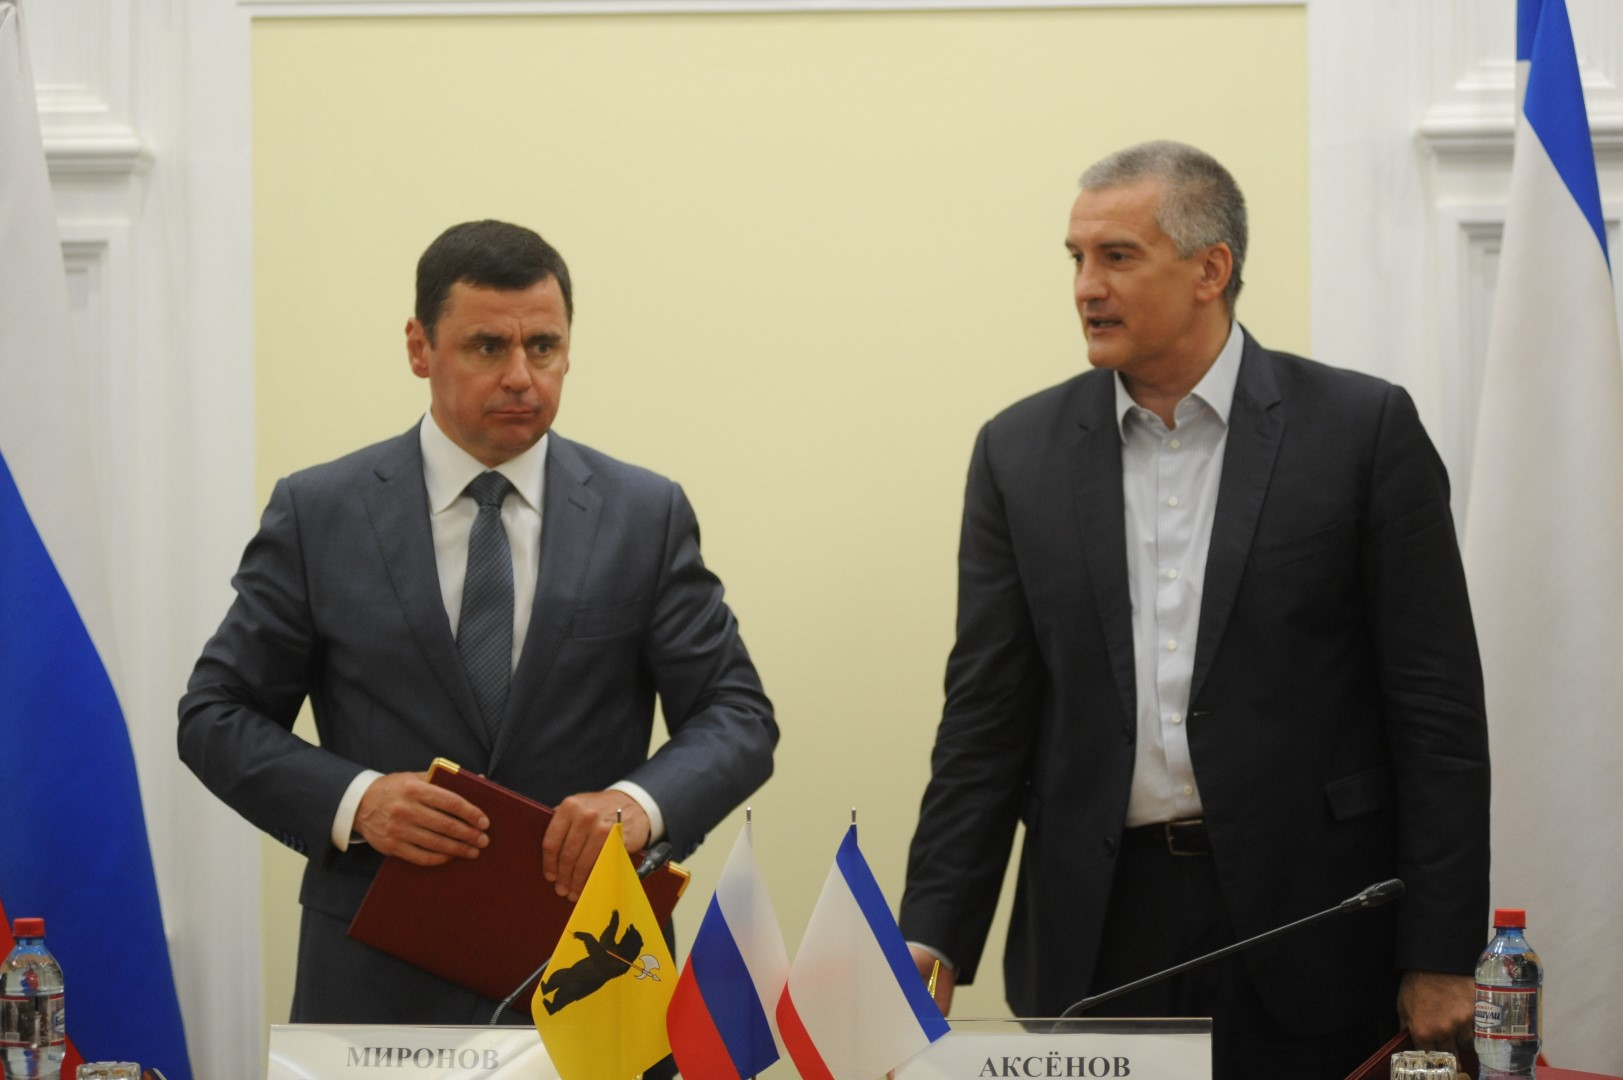 Глава Крыма: Ярославская область - один из самых надежных субъектов страны»